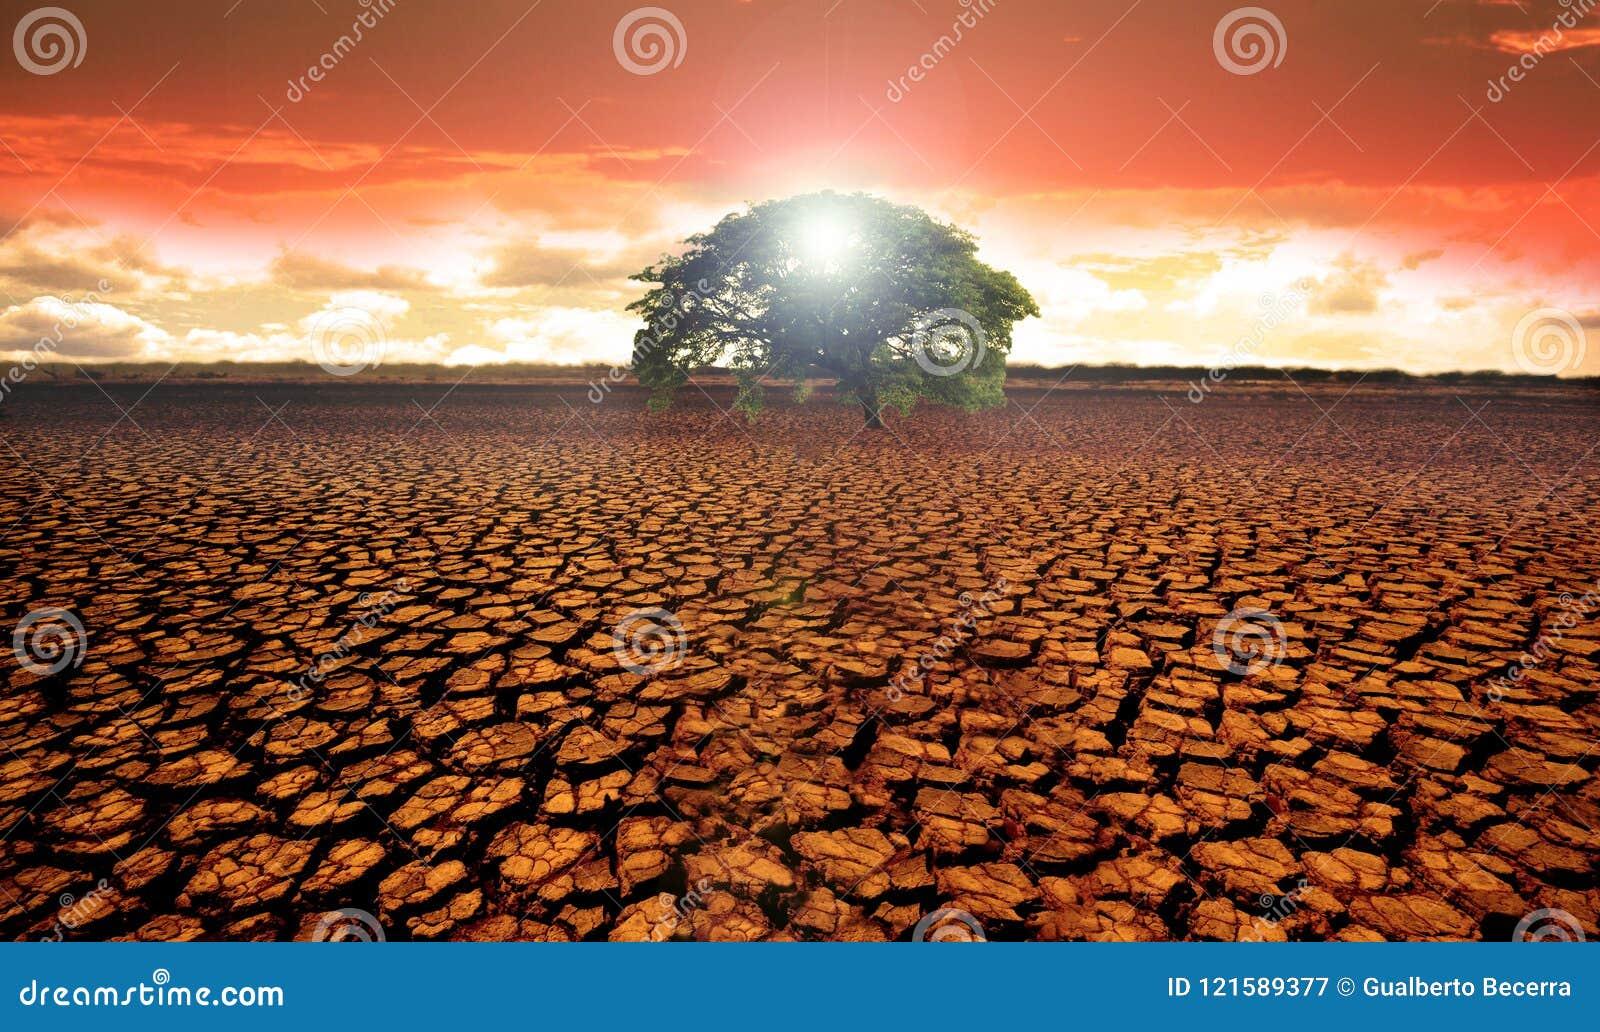 有一棵唯一绿色树的贫瘠沙漠土地